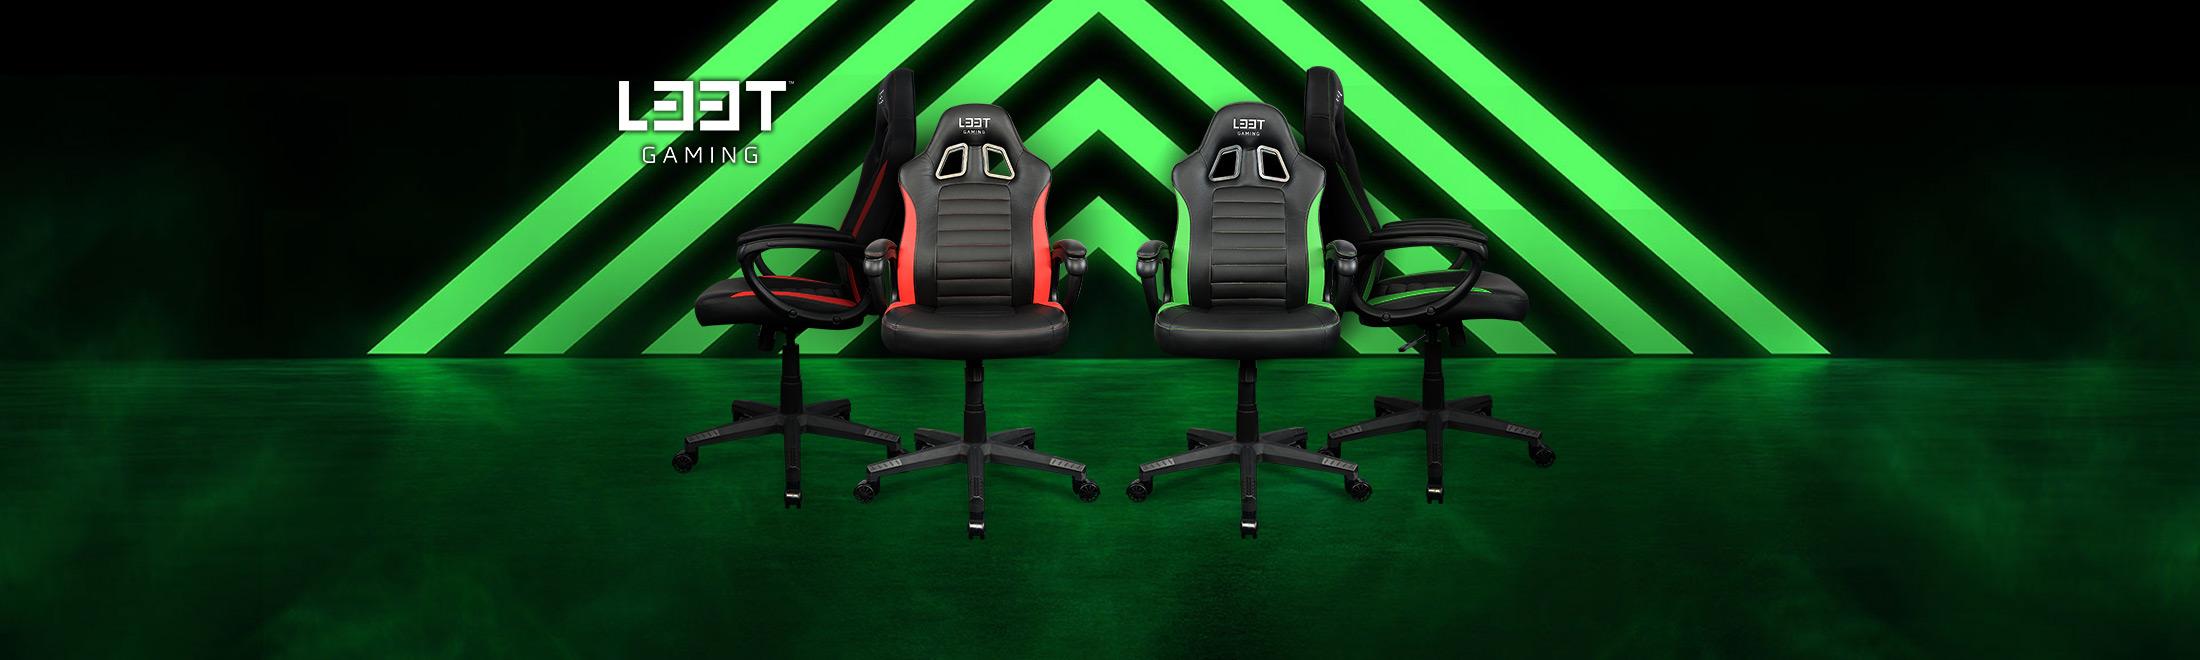 L33T_Encore_Chairs